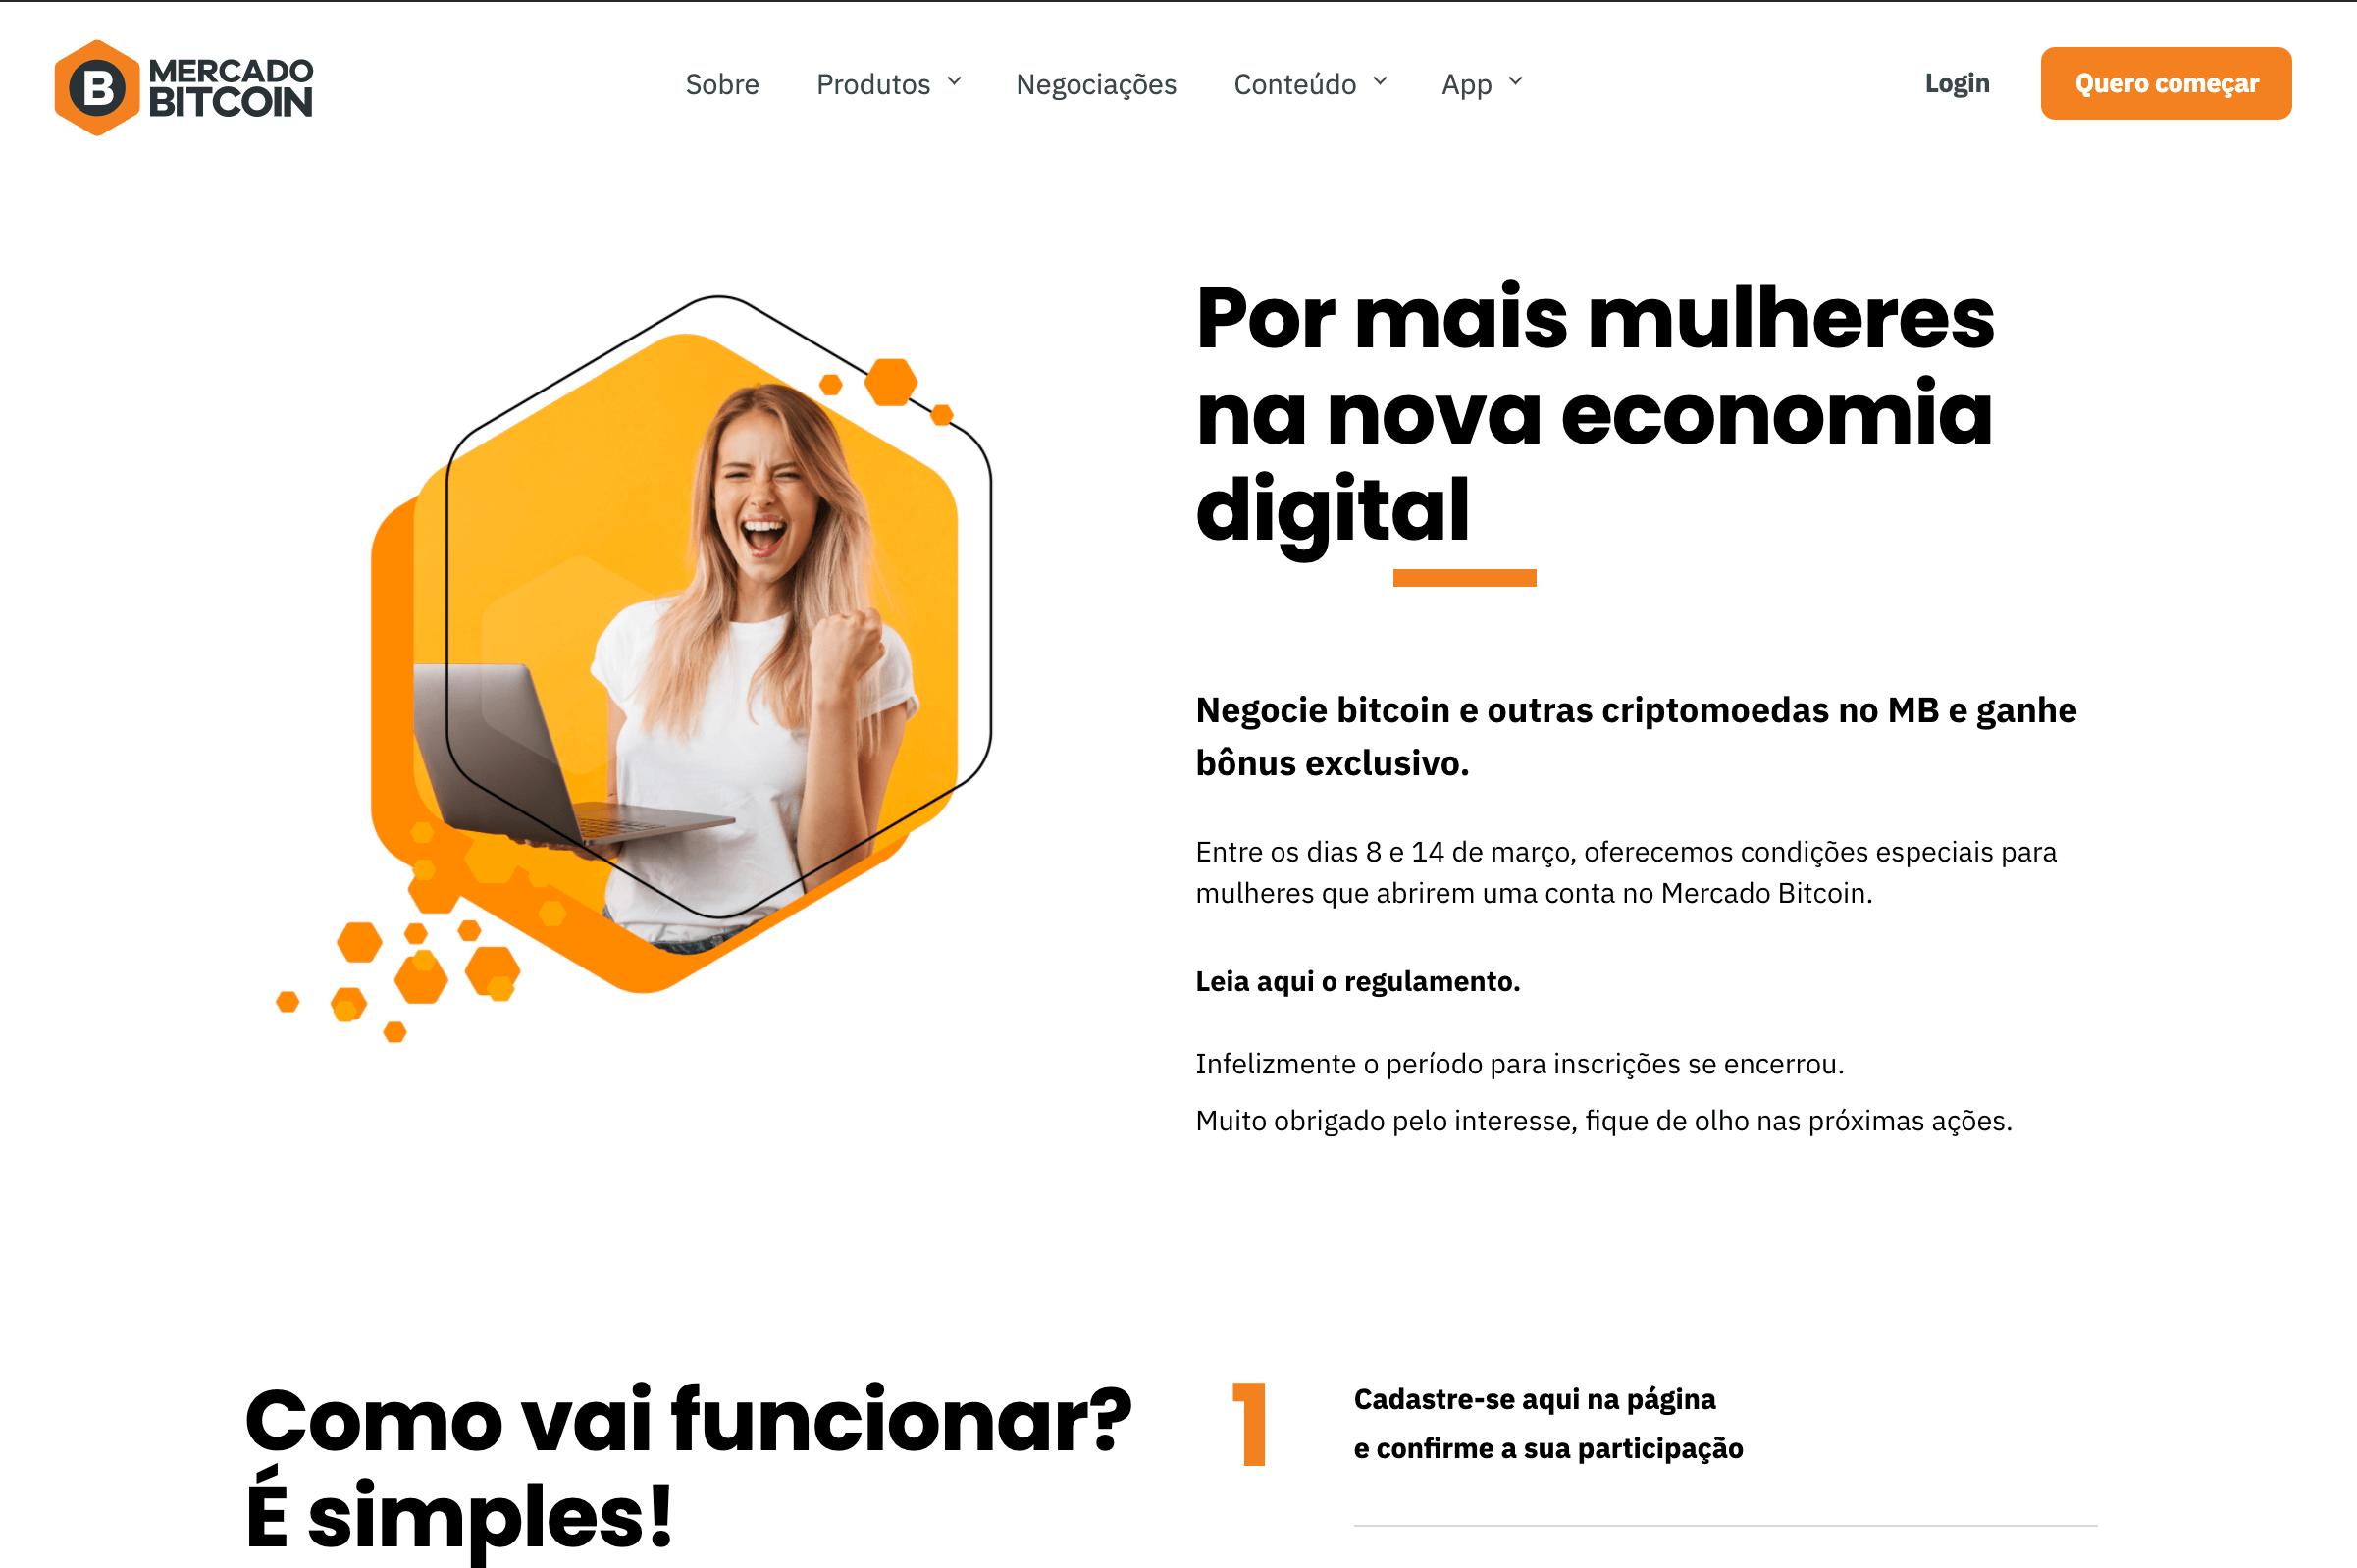 Mercado Bitcoin - Campanha Mulheres